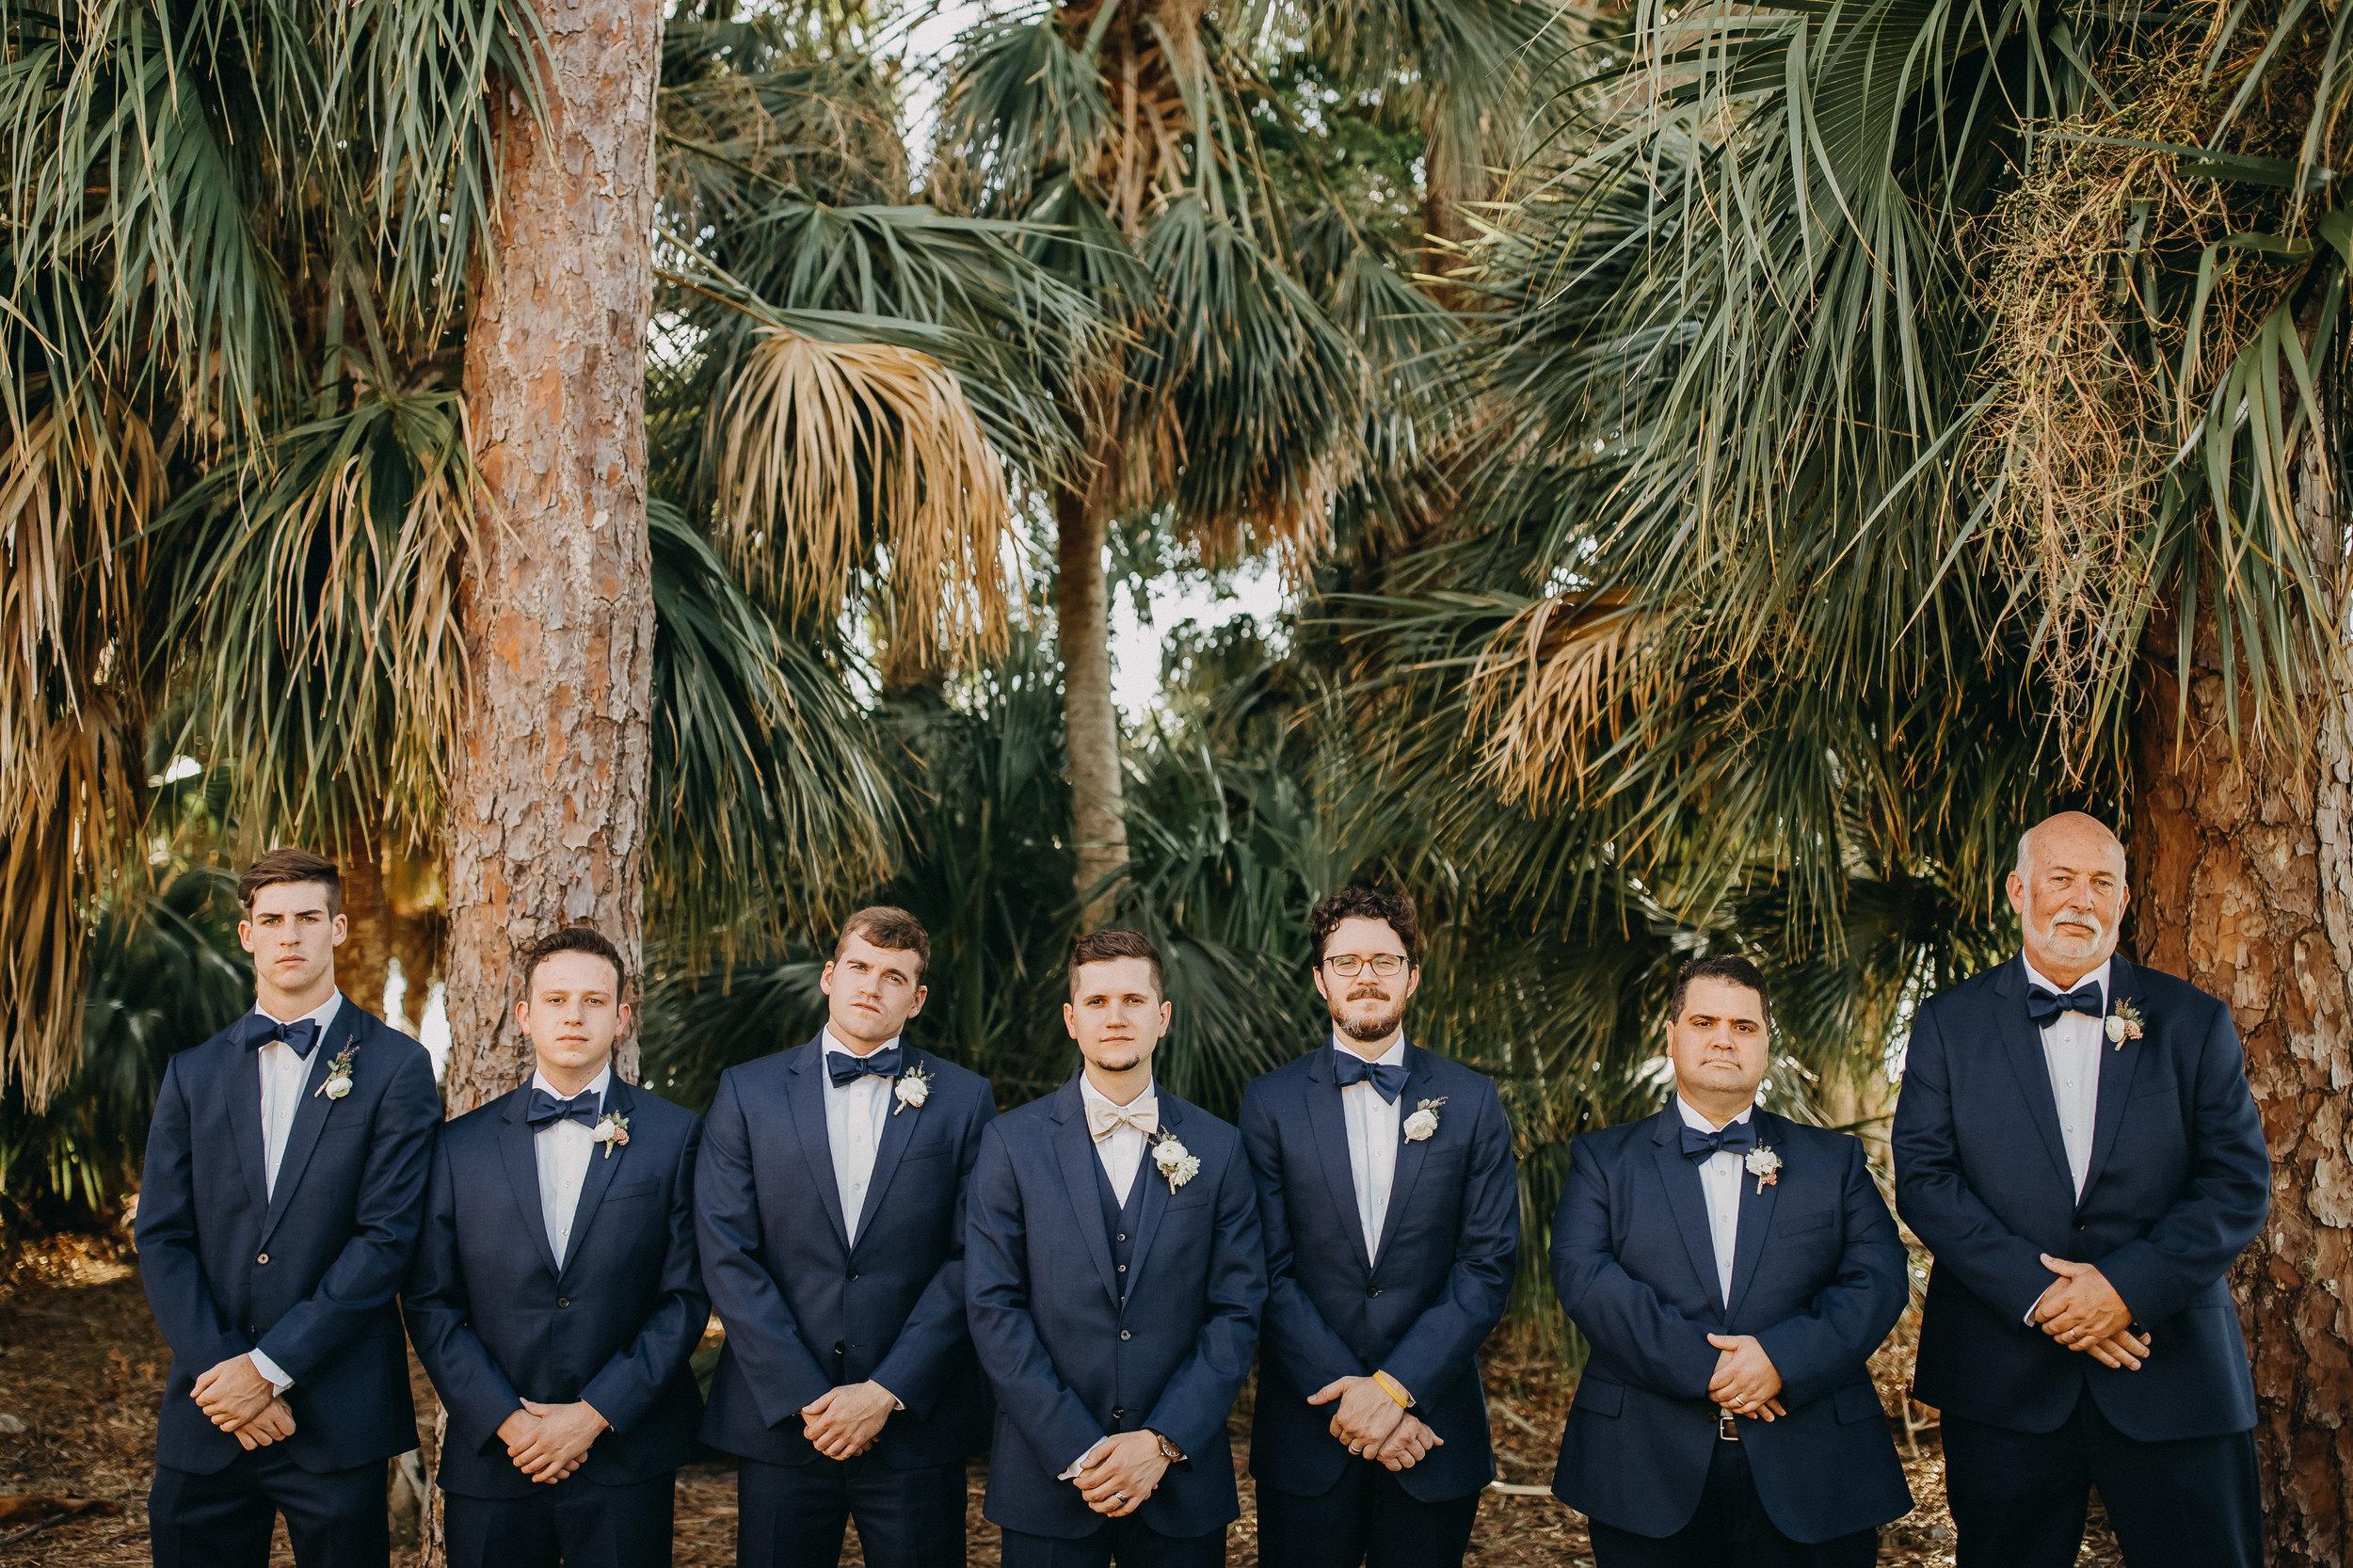 Groomsmen Photos - Florida Estate Wedding - Powel Crowley Estate Wedding